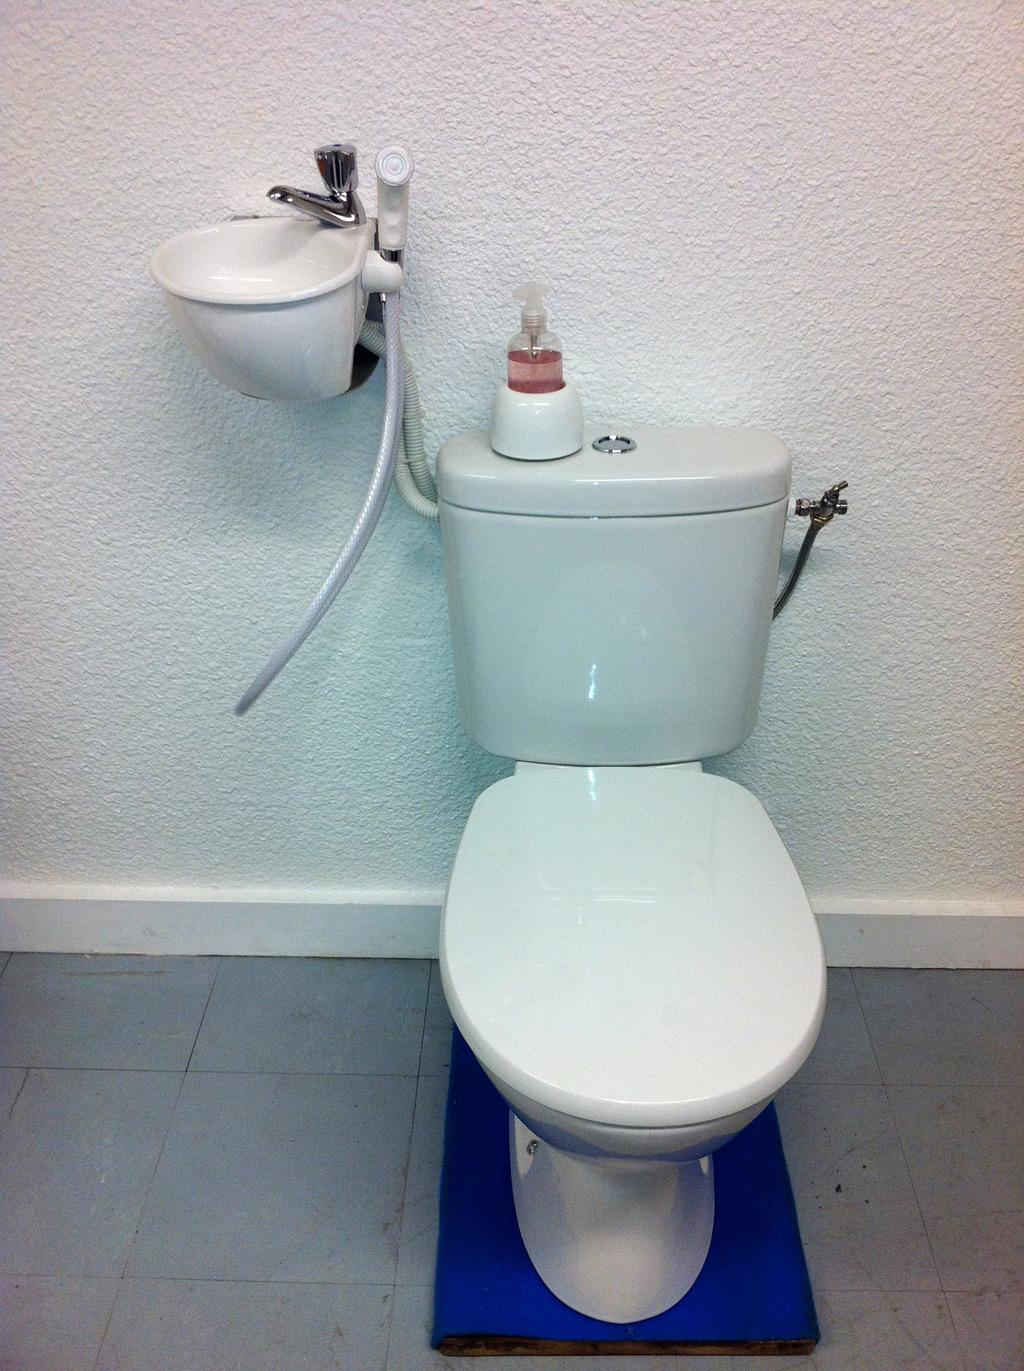 Fotostrecke die handbrause f r das wc - Wc avec douchette ...